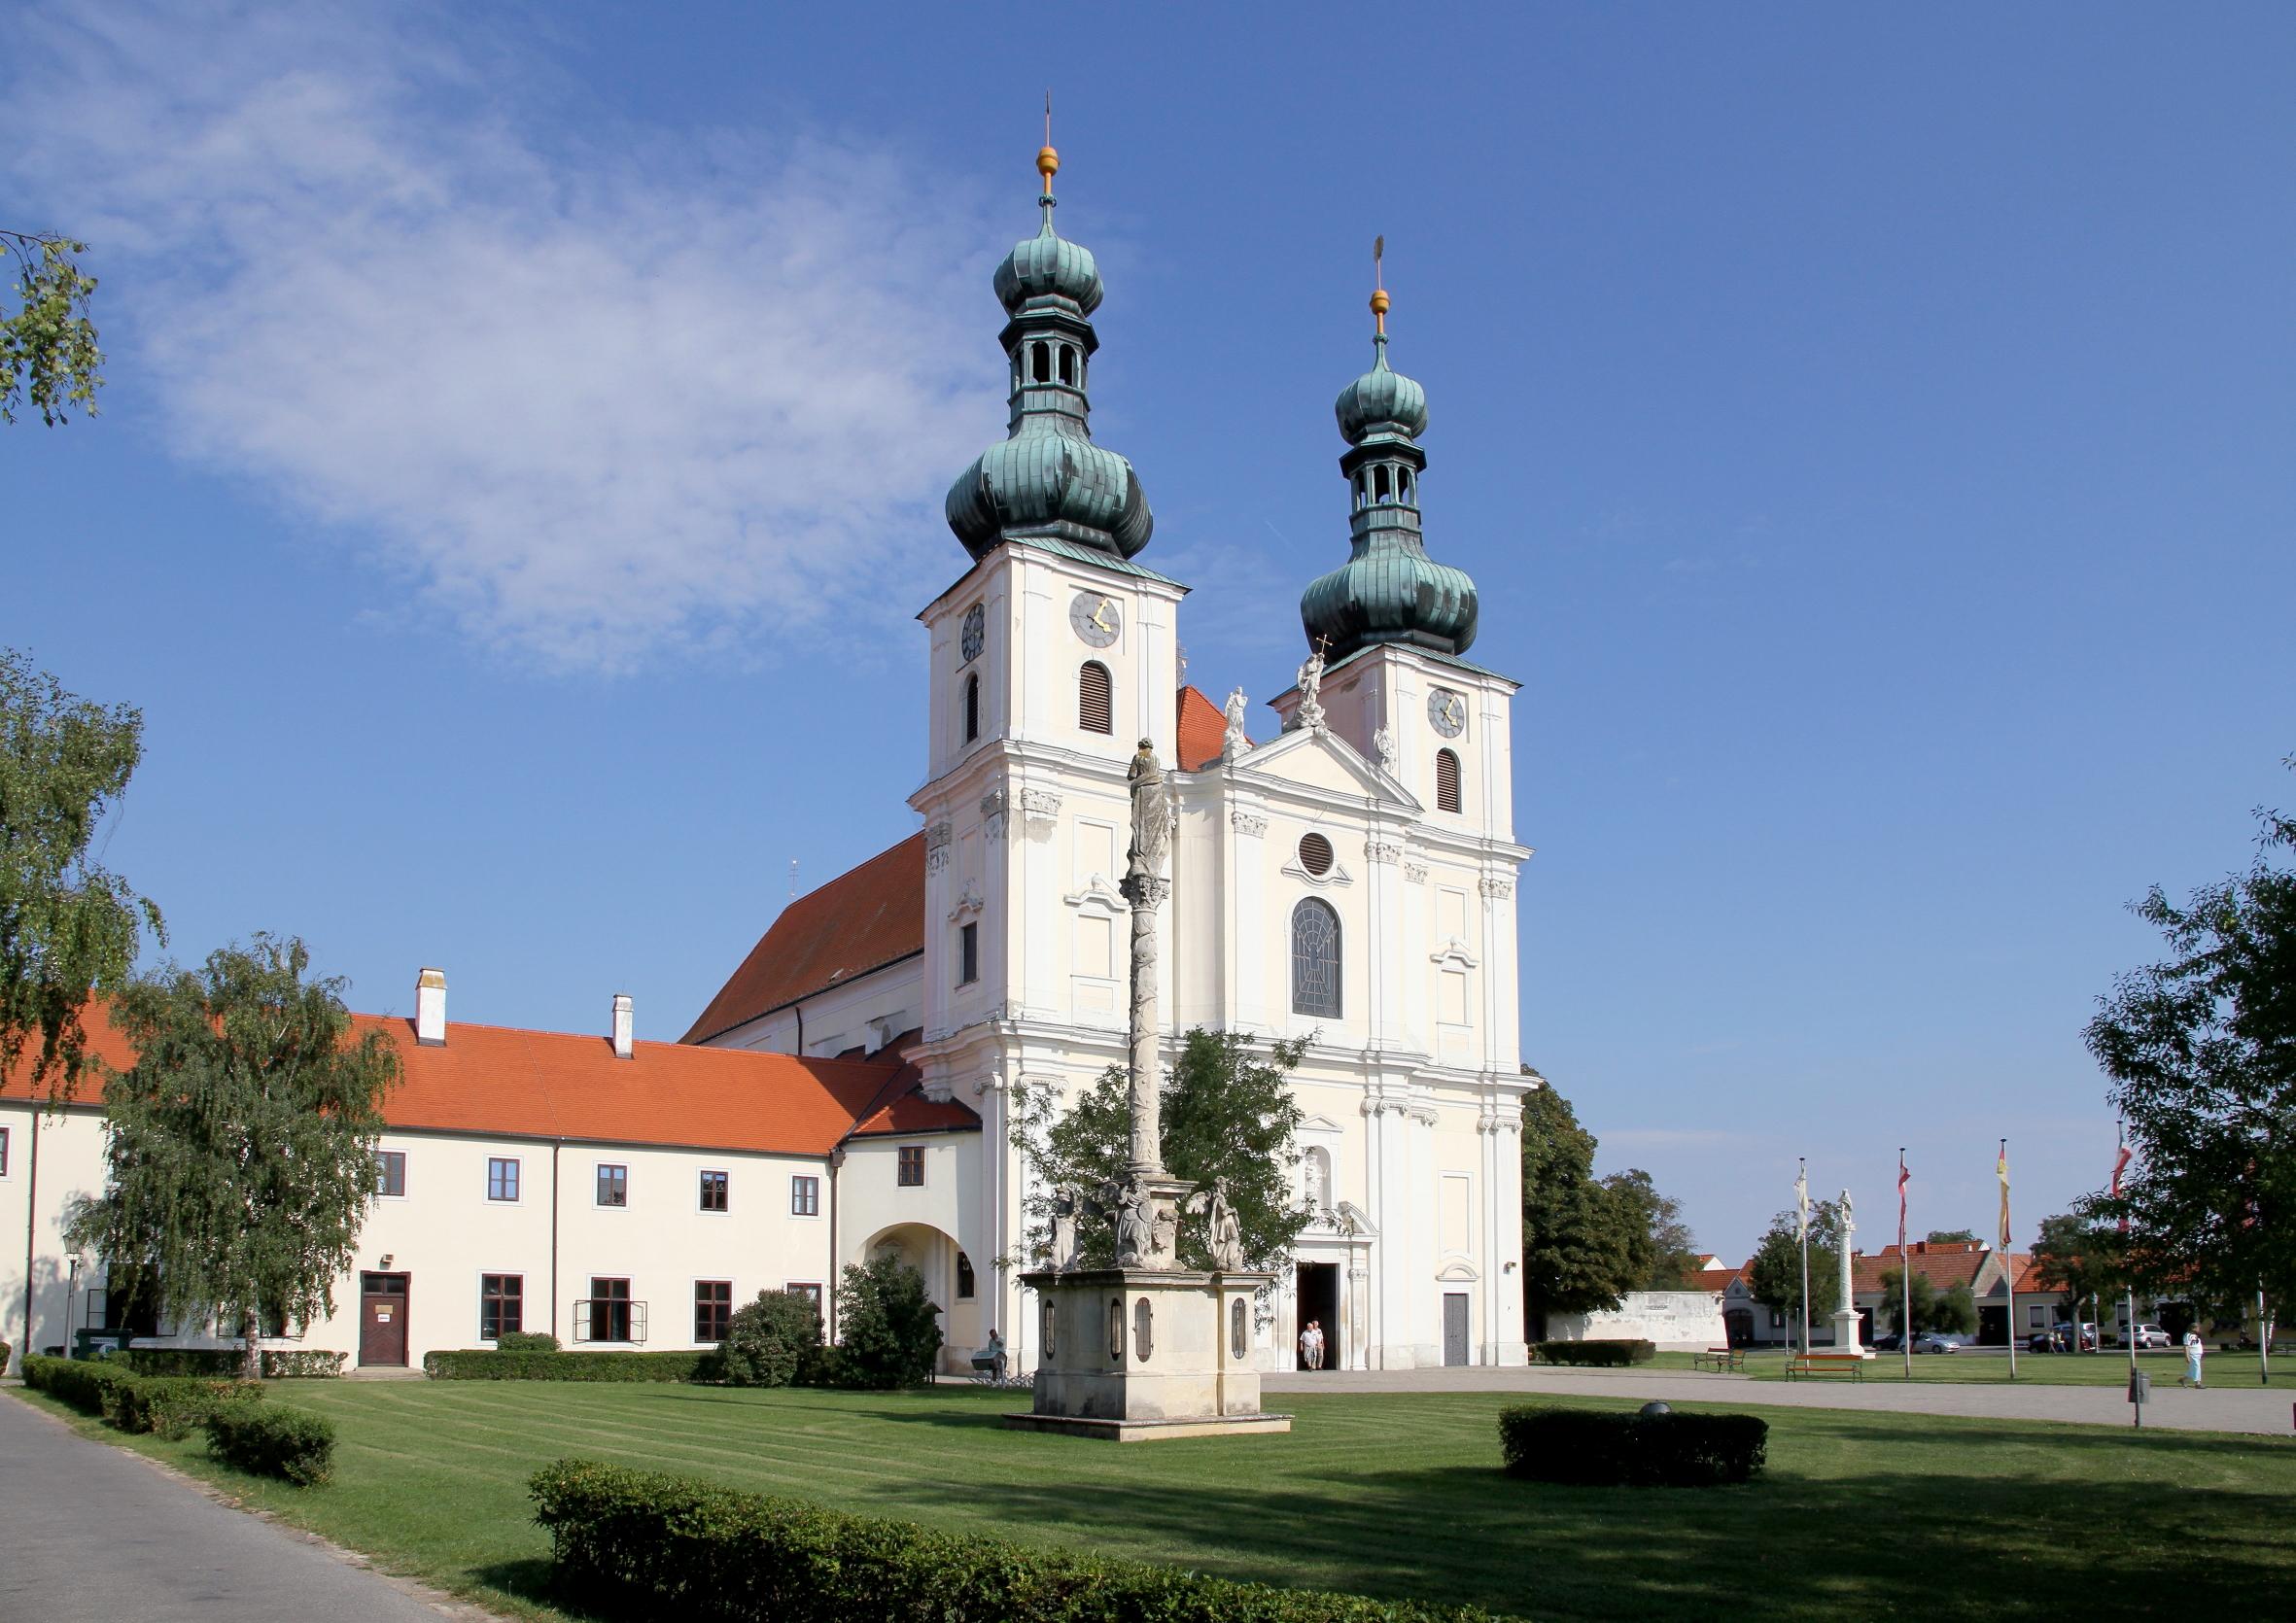 Frauenkirchen Austria  city pictures gallery : Frauenkirchen, Basilika mit Mariensäule und Klostergebäude